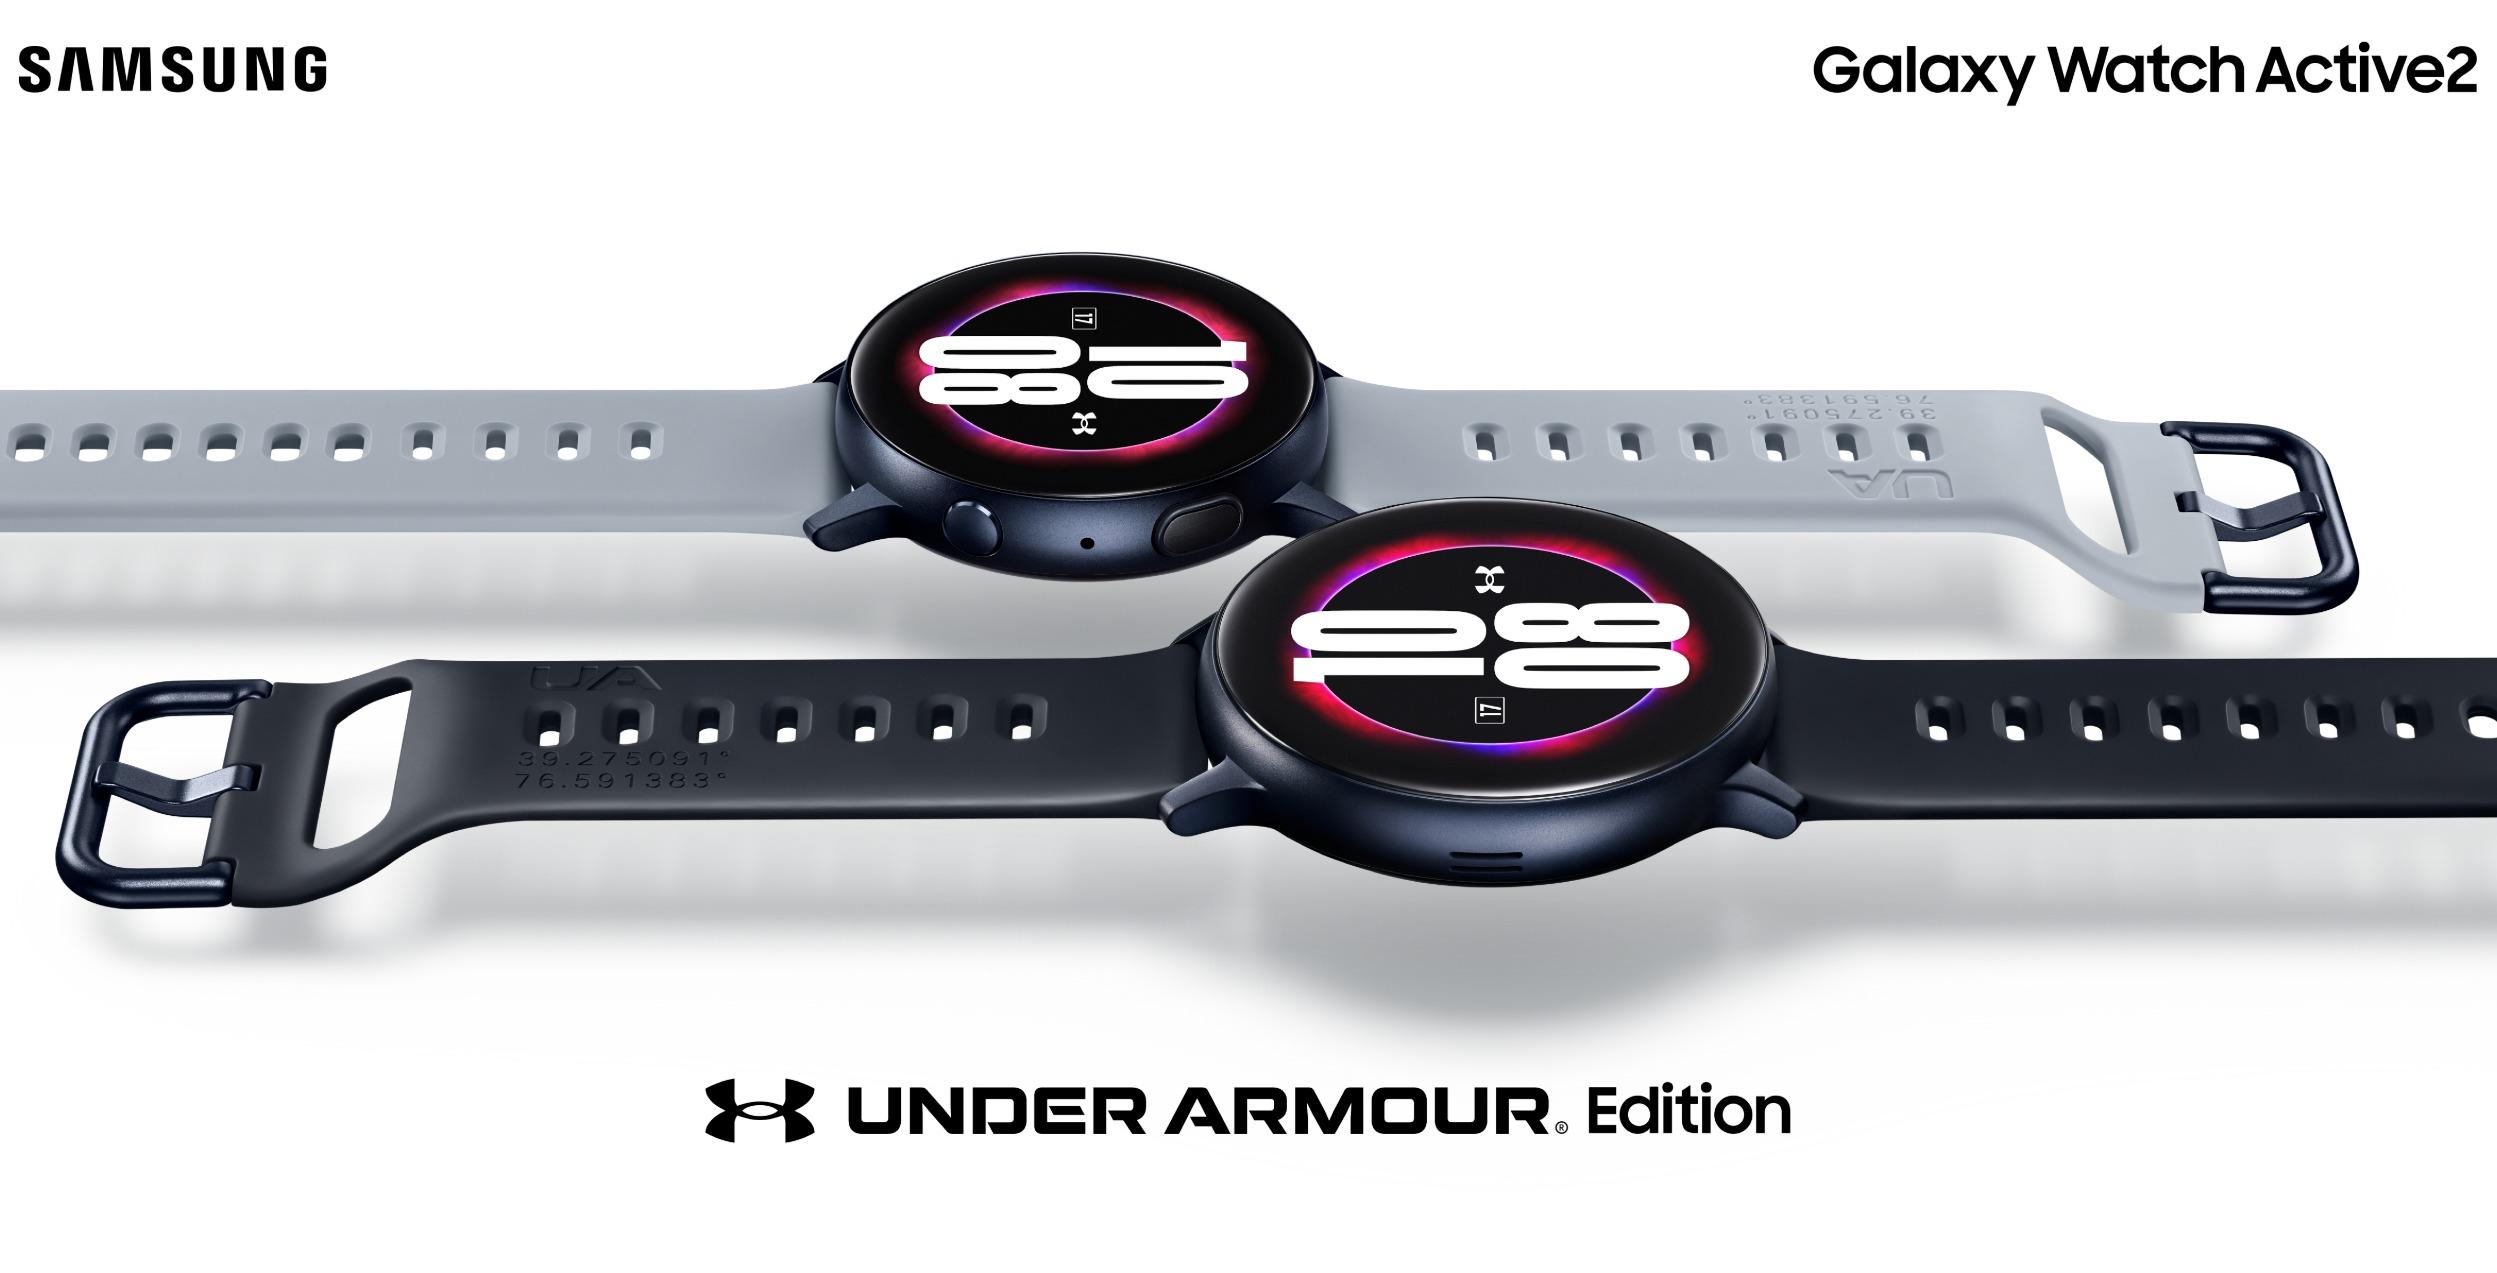 MediaMarkt mit neuer Über-Nacht-Aktion: Smartwatches von Amazfit, Huawei und Samsung